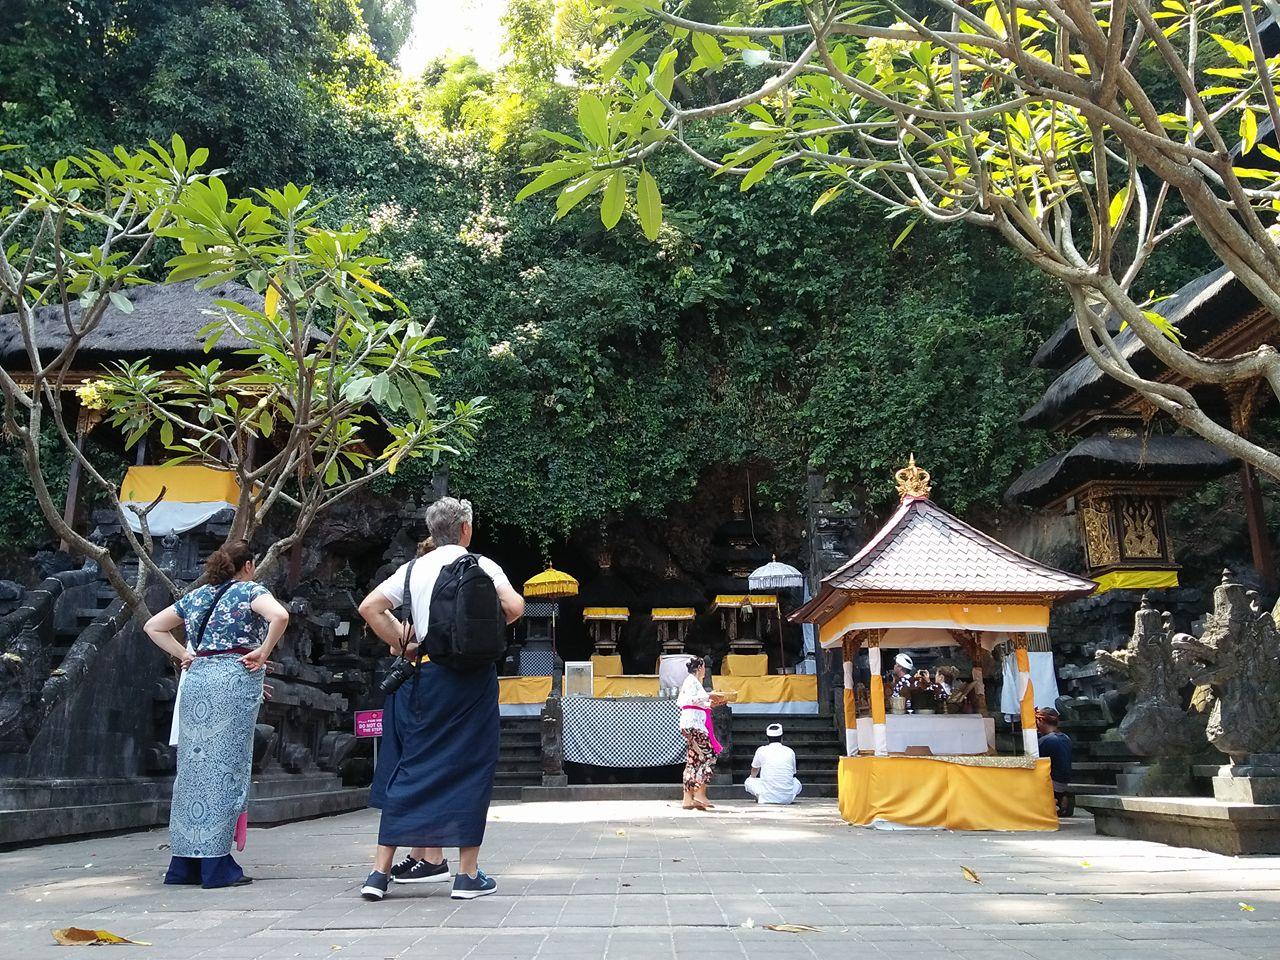 Bebukitan yang rimbun memberi makanan untuk kelelawar sekaligus air bersih untuk warga sekitar di kawasan gua lawah, Klungkung, Bali. Foto Luh De Suriyani diambil sebelum Pandemi